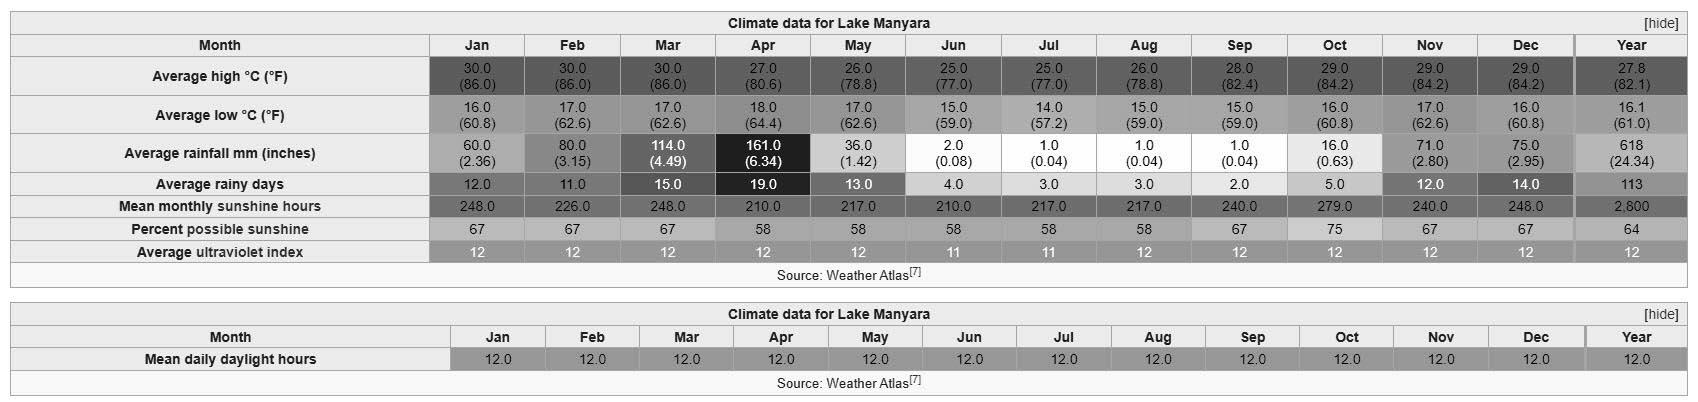 Lake Manyara Climate